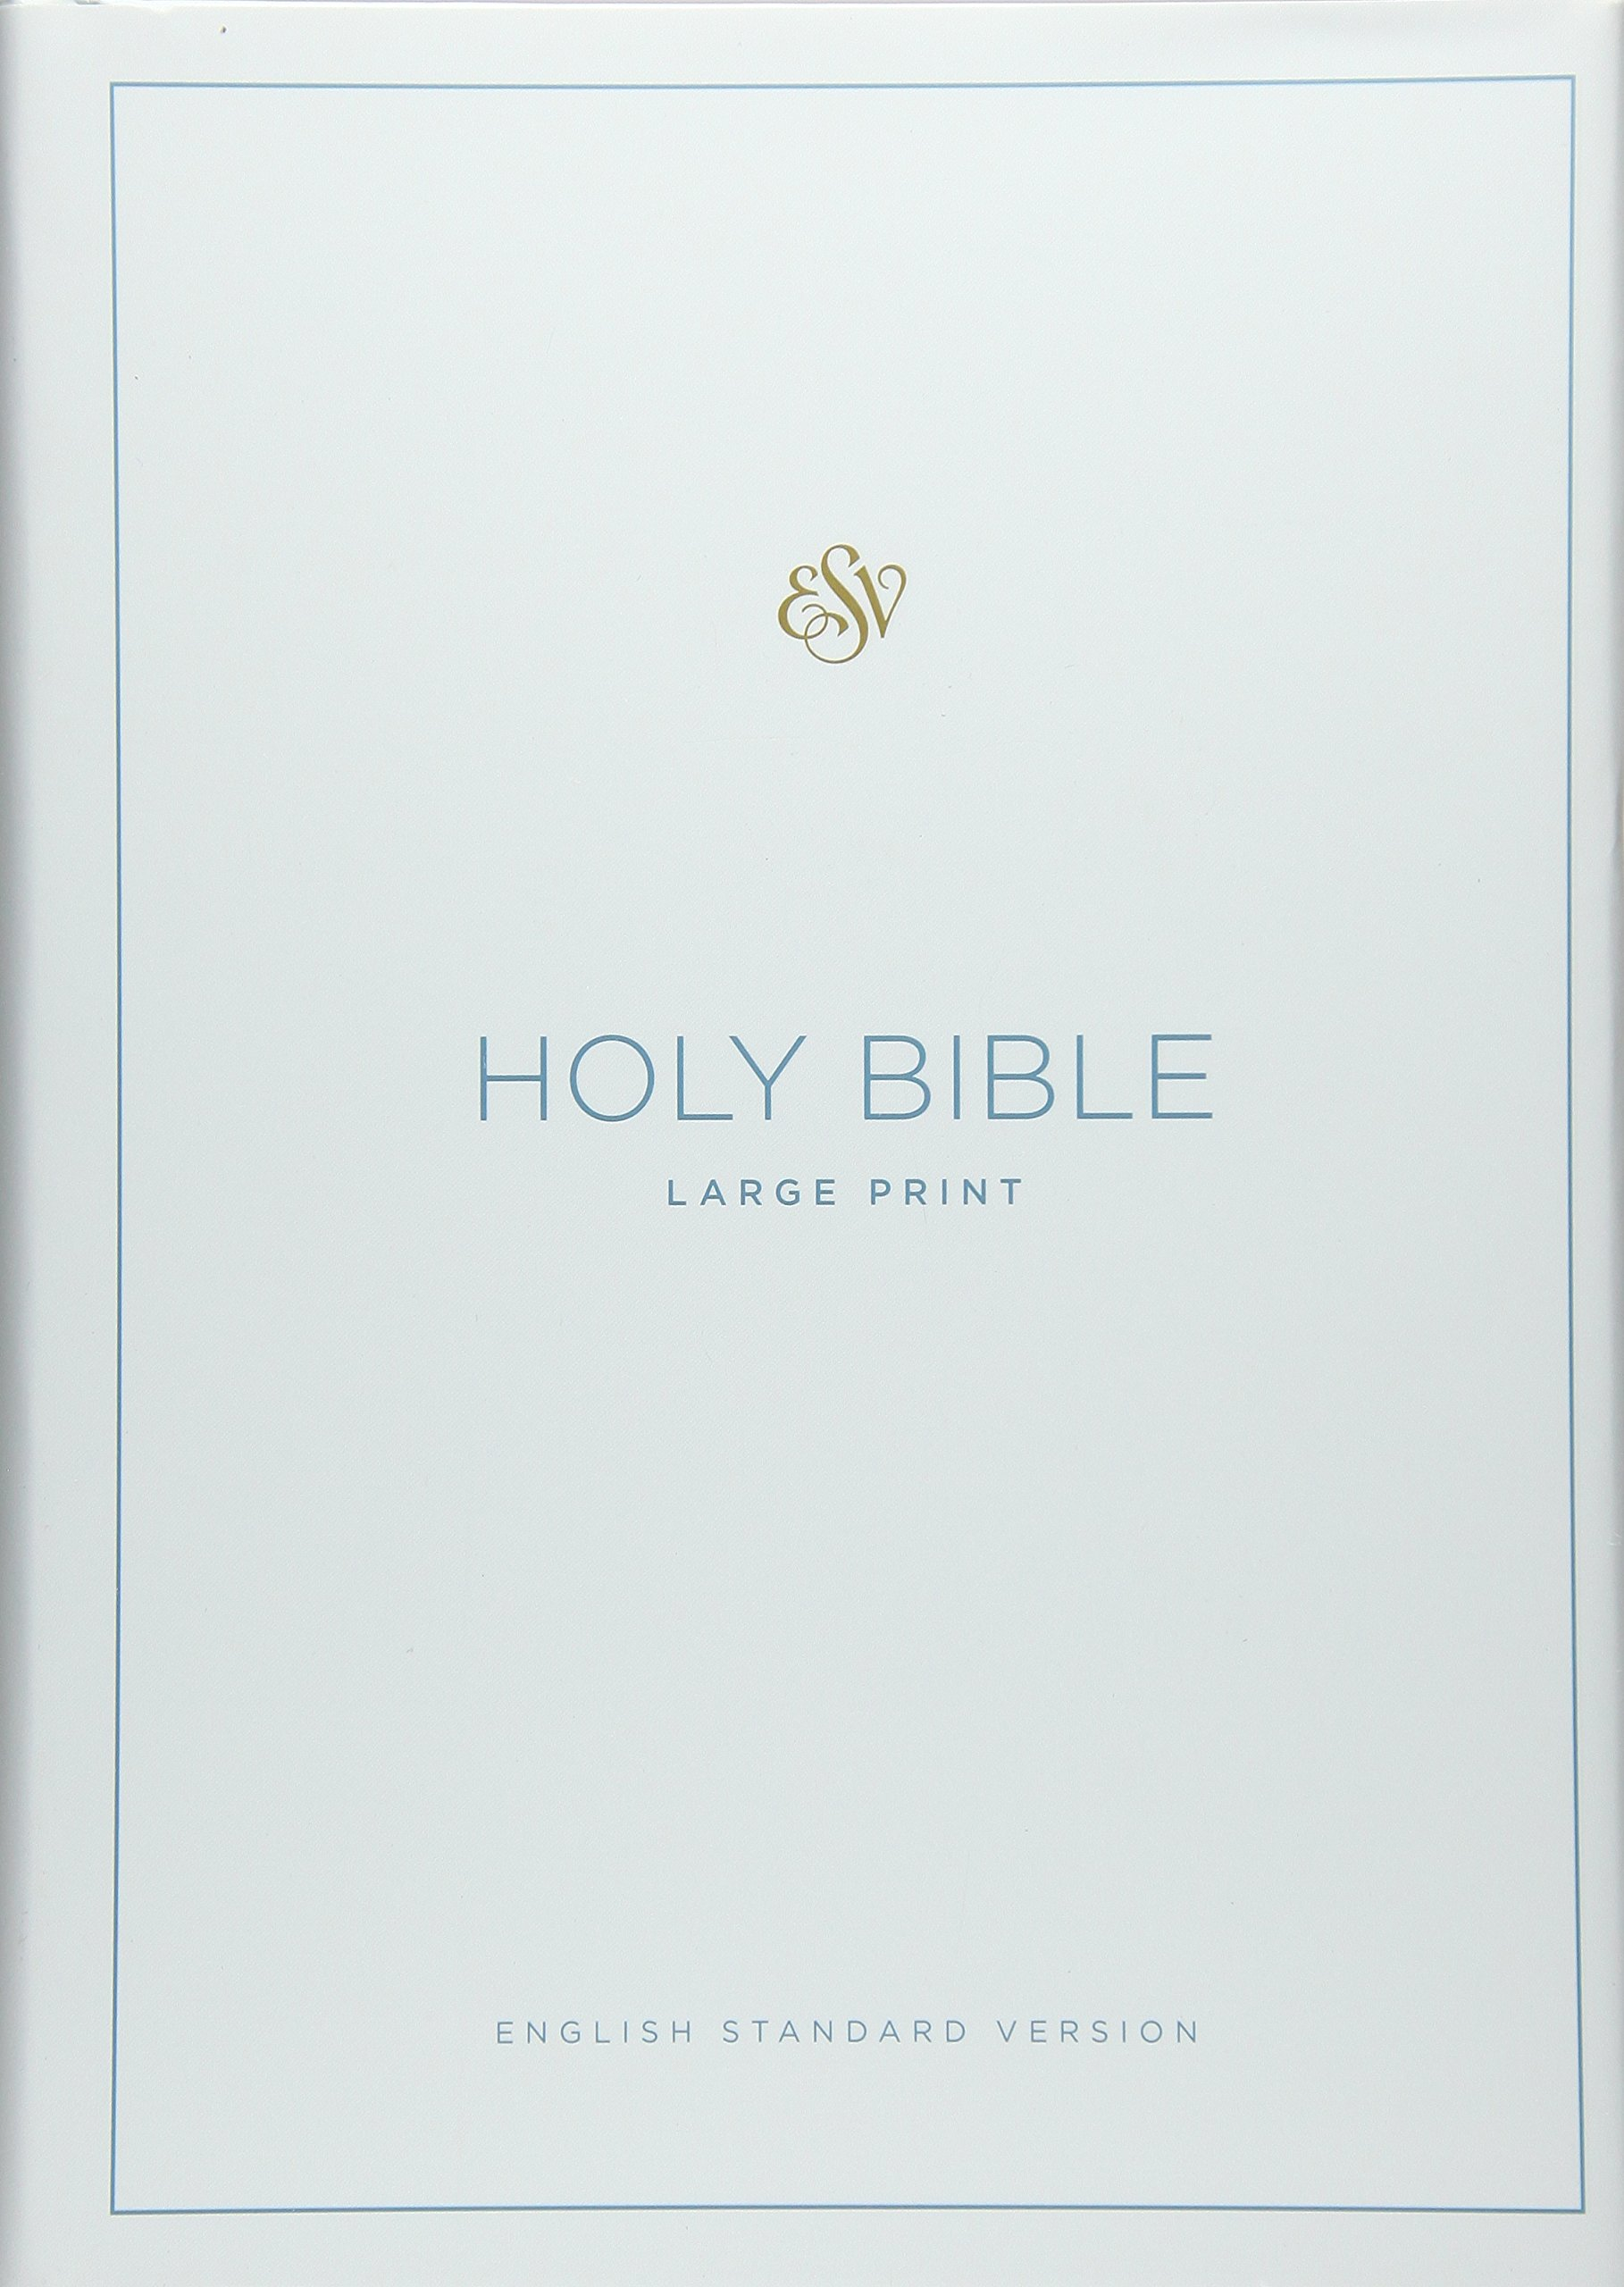 ESV Large Print Bible: ESV Bibles by Crossway: 9781433551796